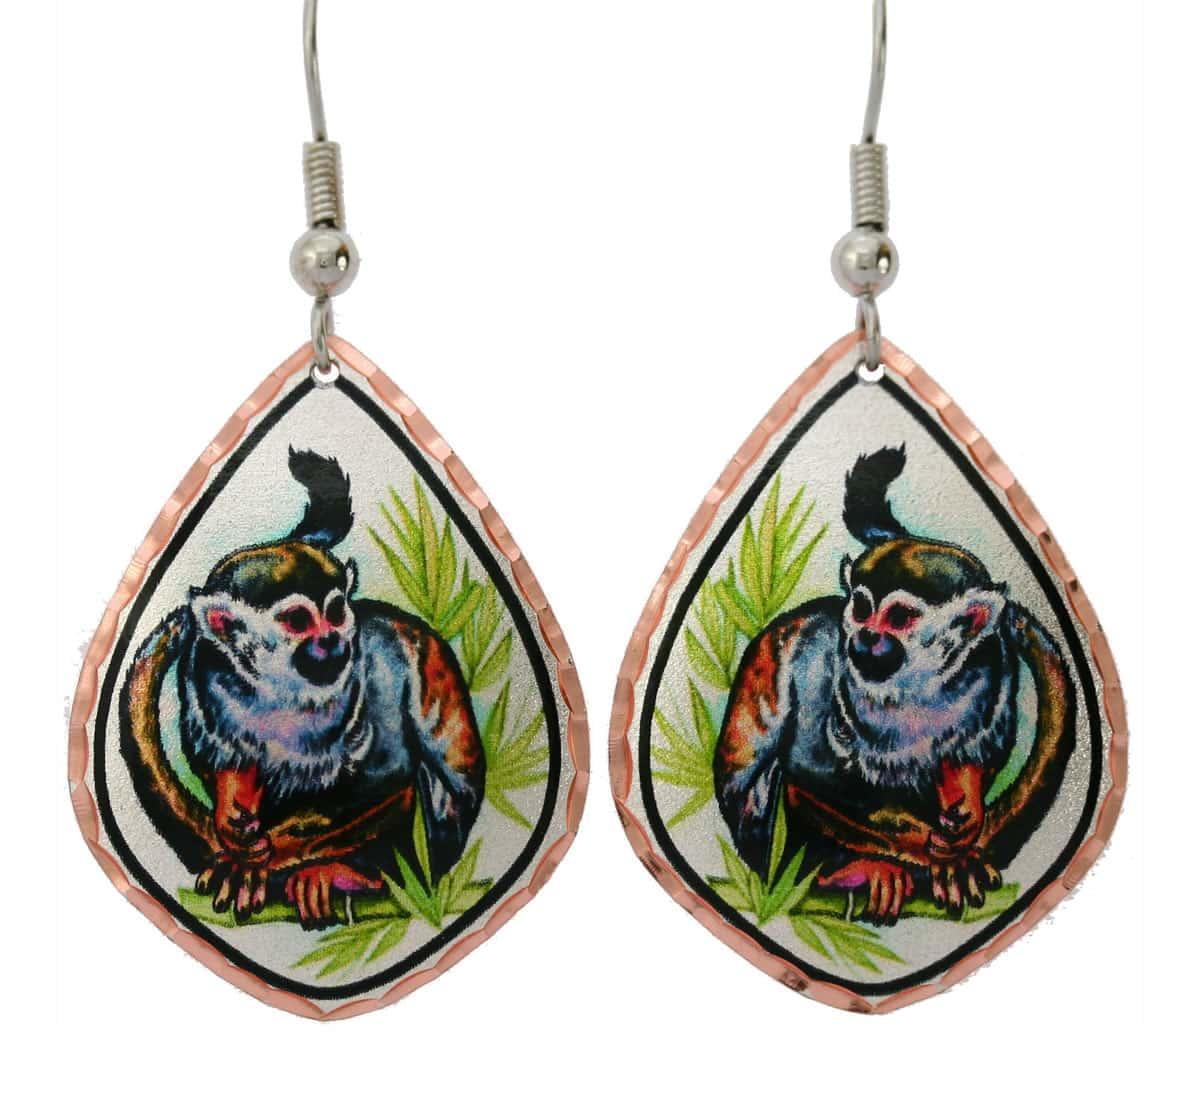 Cute monkey earrings designed by Lynn Bean in breathtakingly beautiful artwork